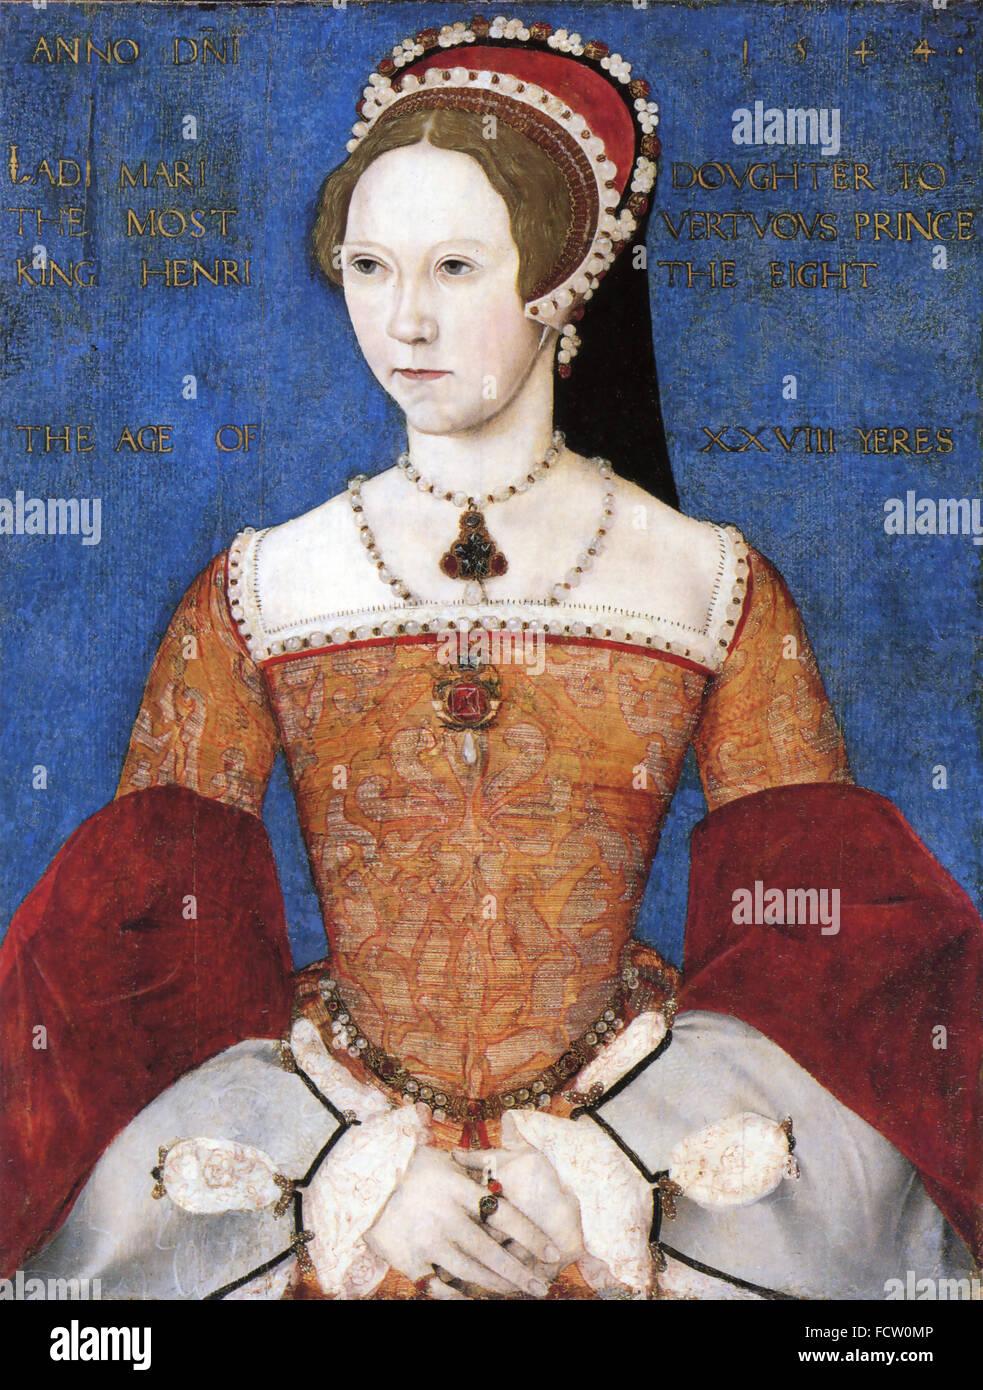 María I de Inglaterra e Irlanda (1516-1558) en una pintura de 1544. Imagen De Stock